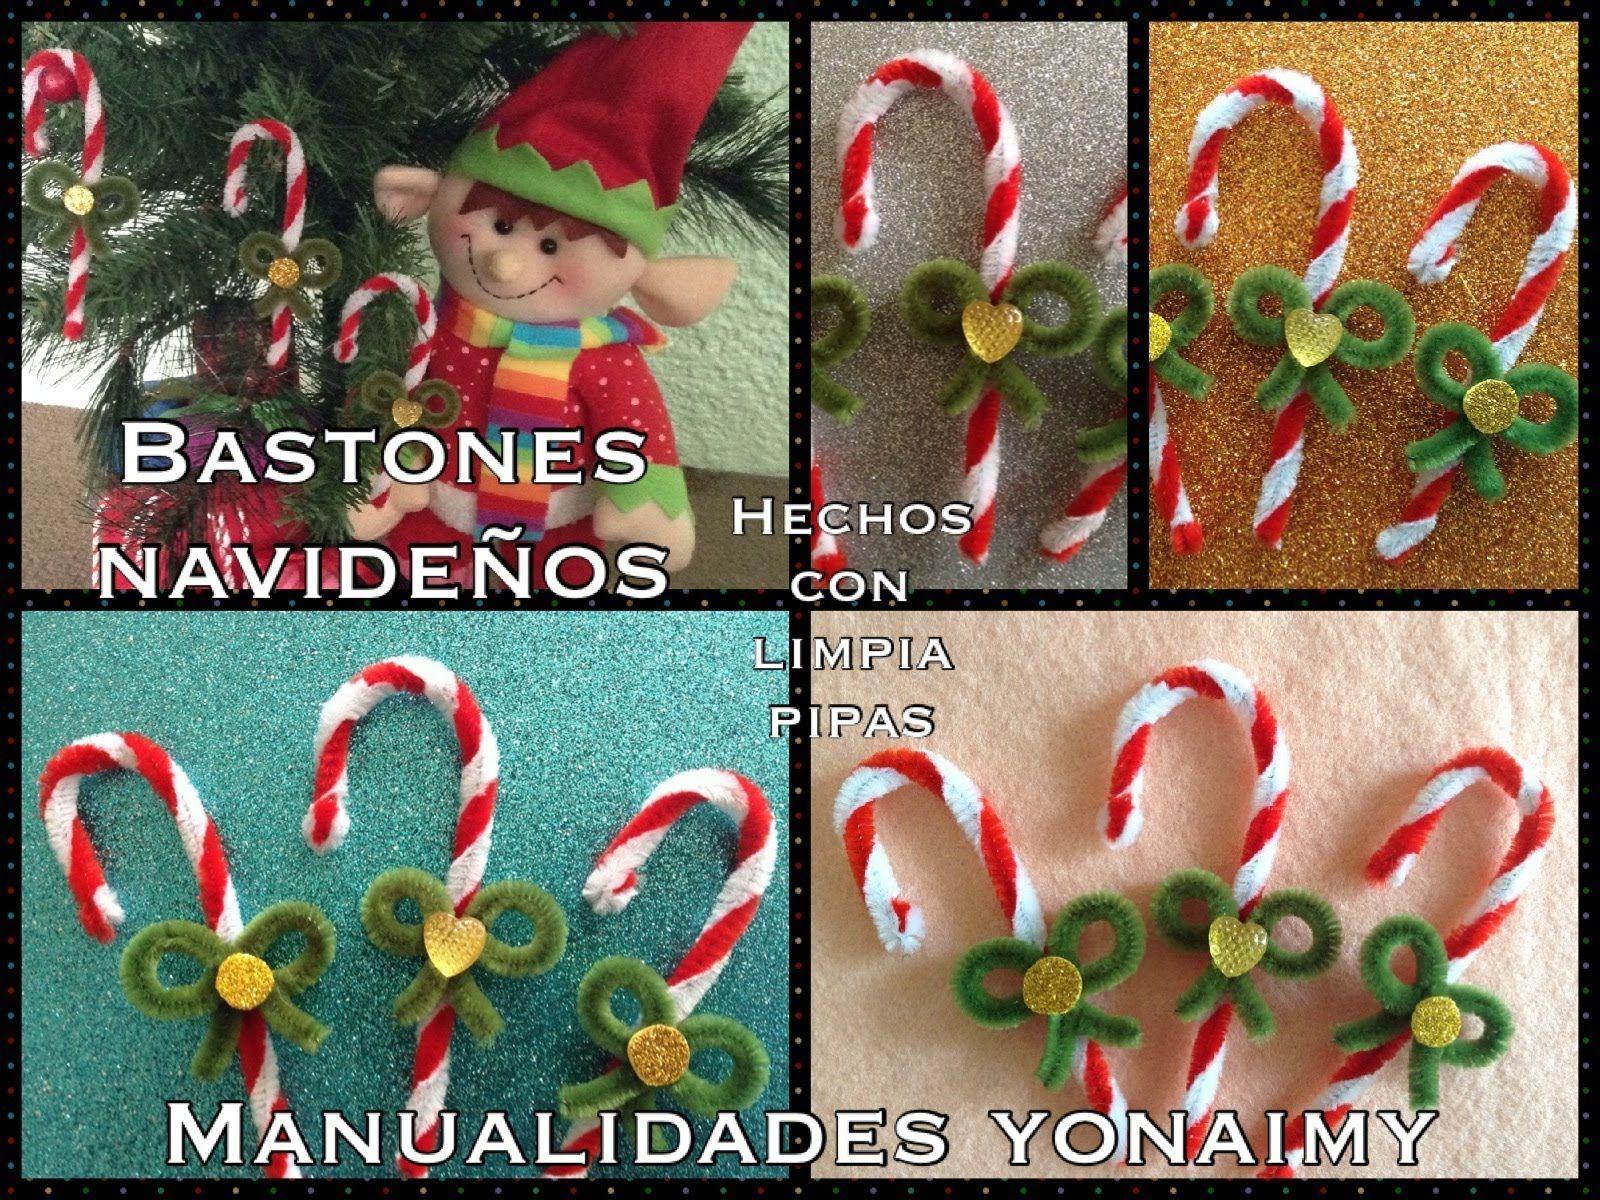 4df76e736 BASTON NAVIDEÑO HECHO CON LIMPIA PIPAS . | VIDEOS | Baston navideño ...